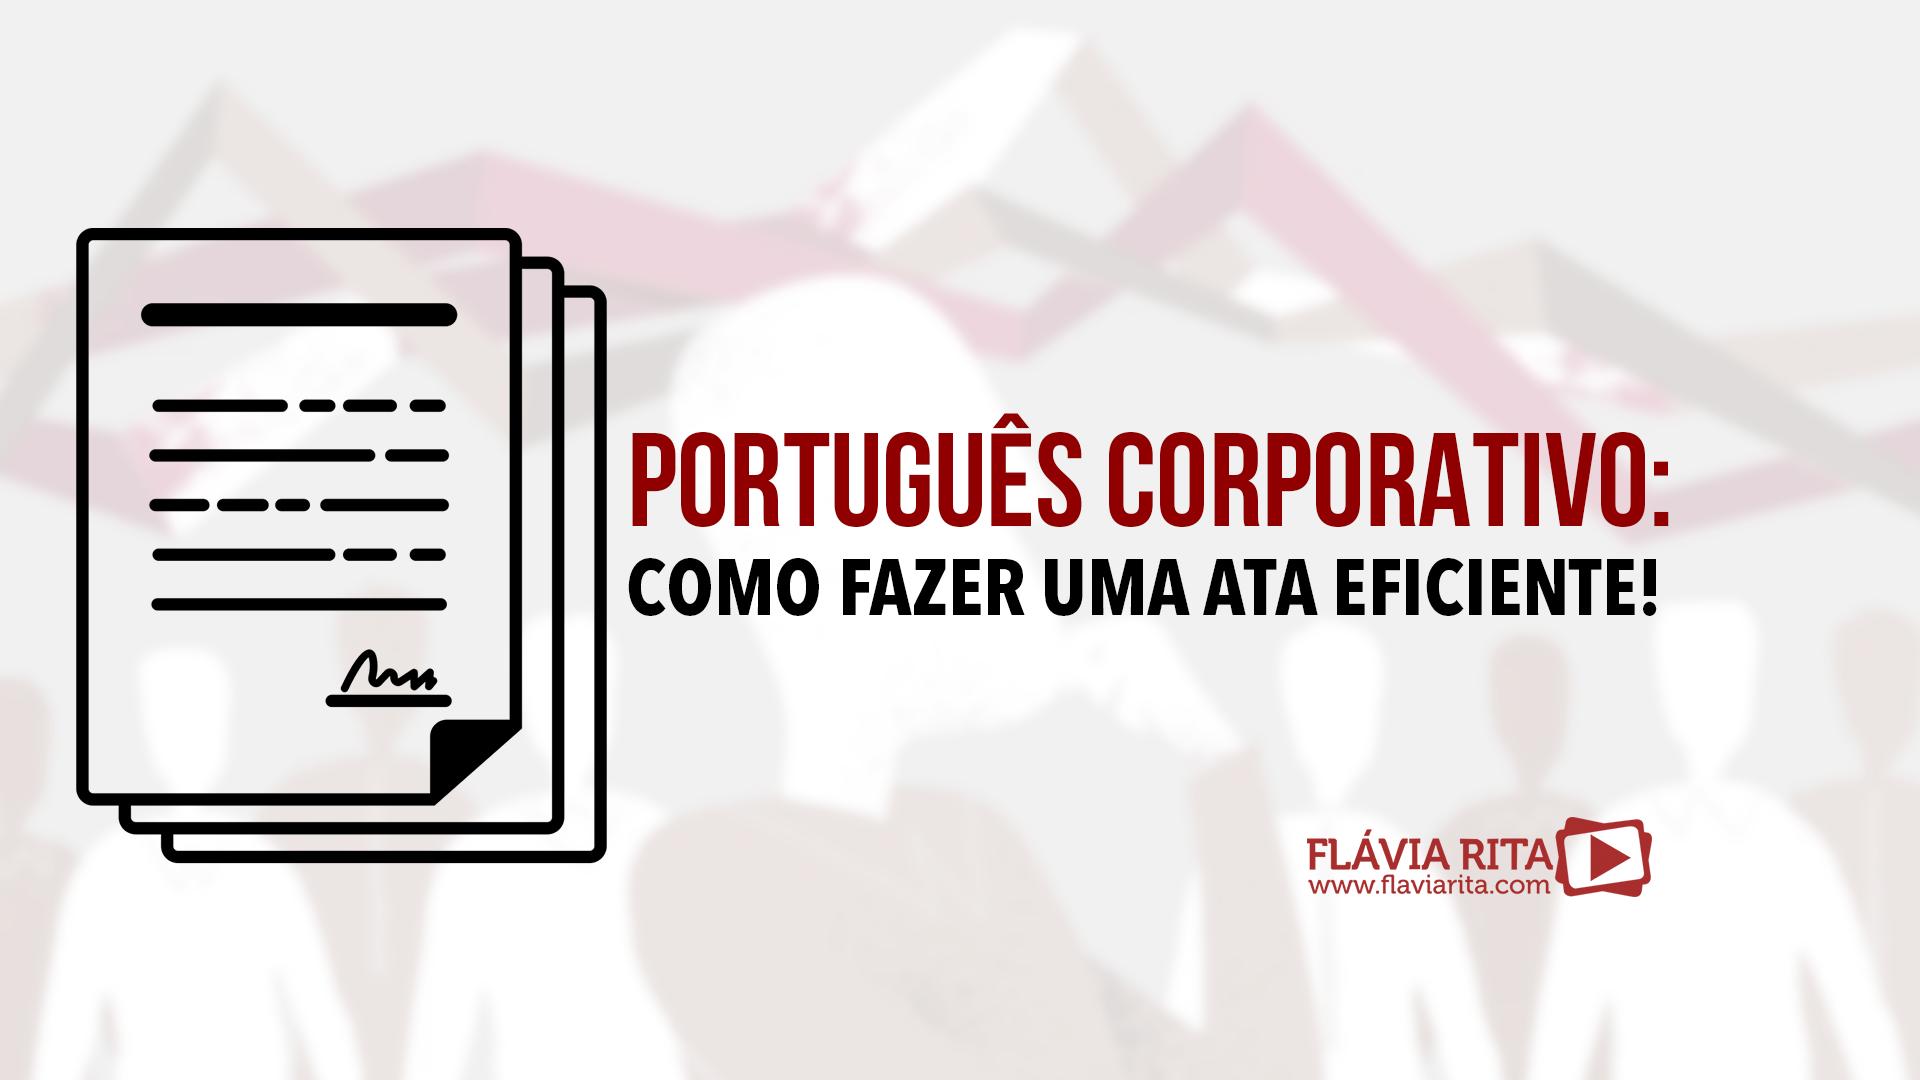 Português Corporativo - Como fazer uma ata eficiente